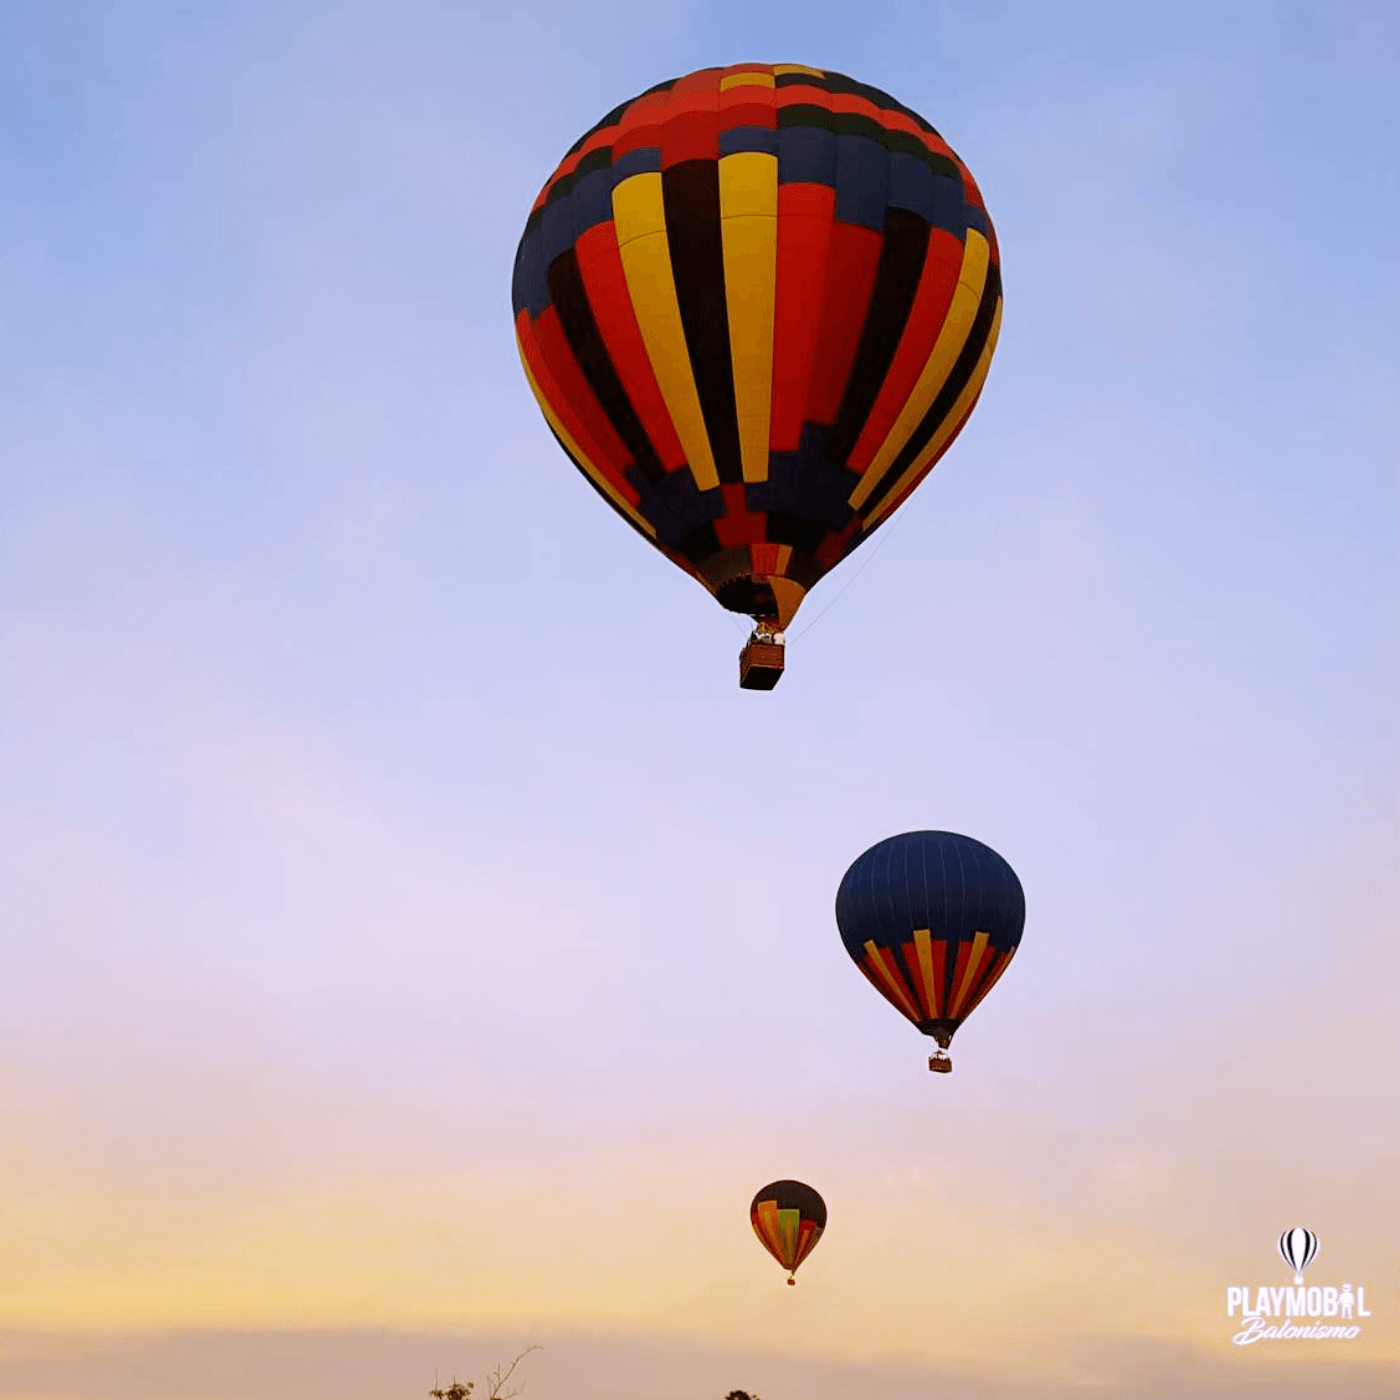 Passeio de Balão para Família em Boituva-SP (DOIS ADULTOS E 1 CRIANÇA DE ATÉ 10 ANOS)